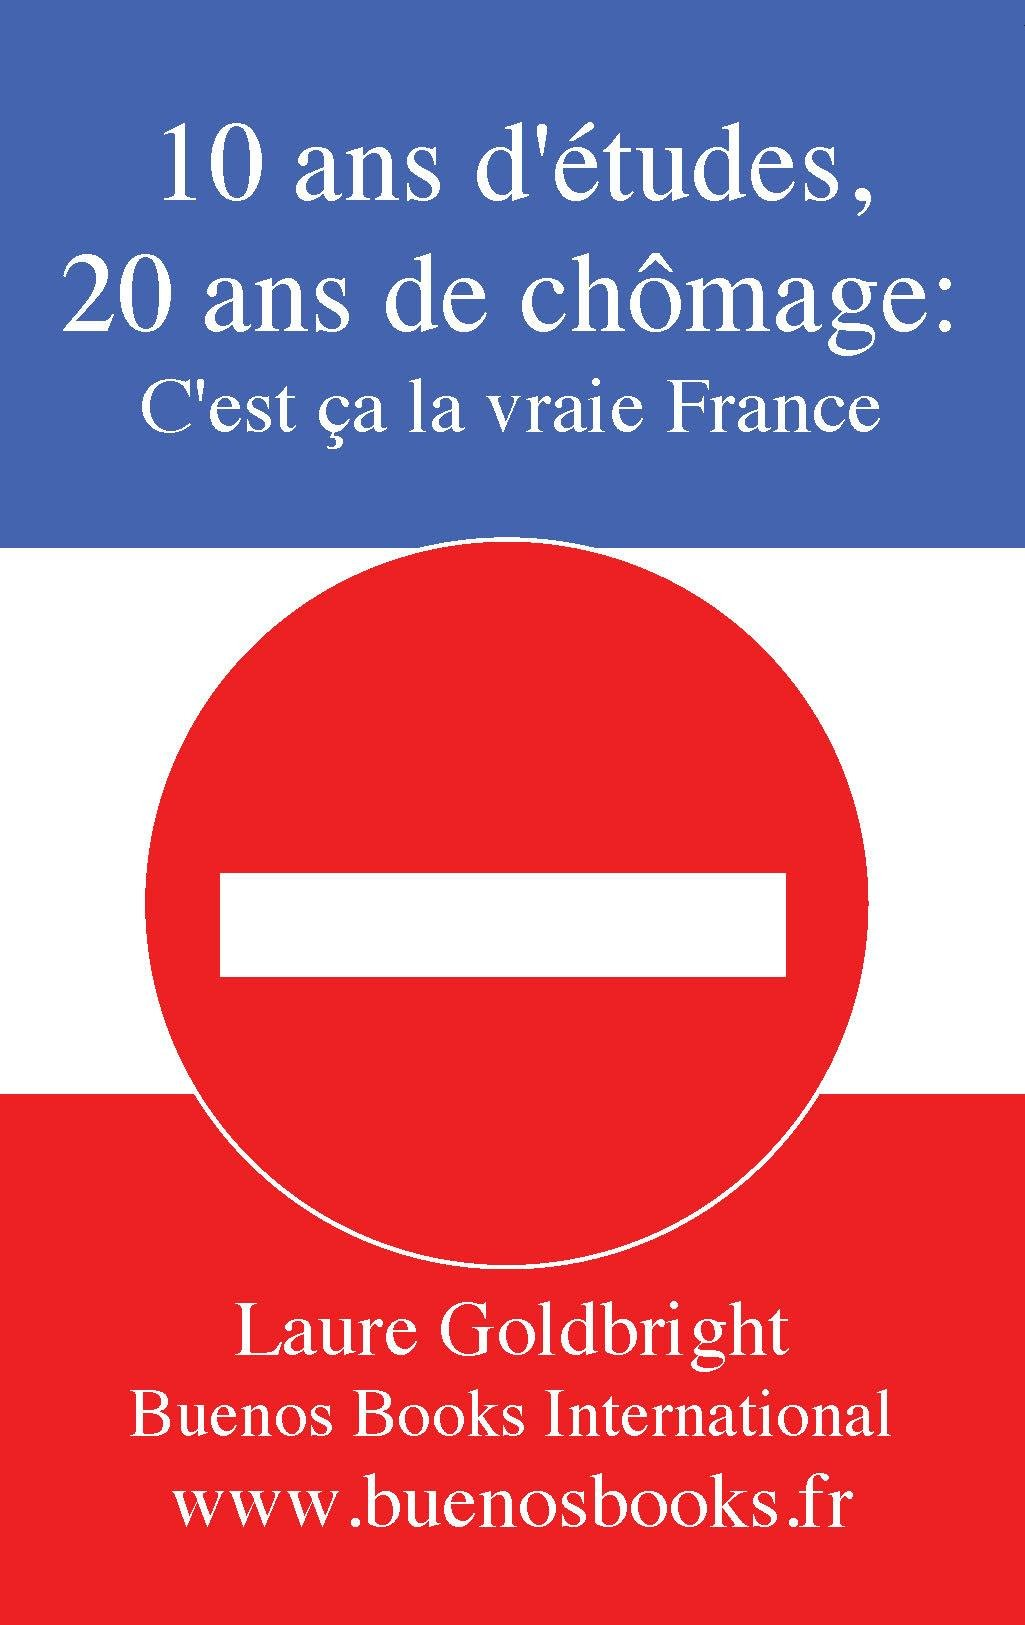 0 ANS D'ETUDES, 20 ANS DE CHOMAGE: C'EST CA LA VRAIE FRANCE